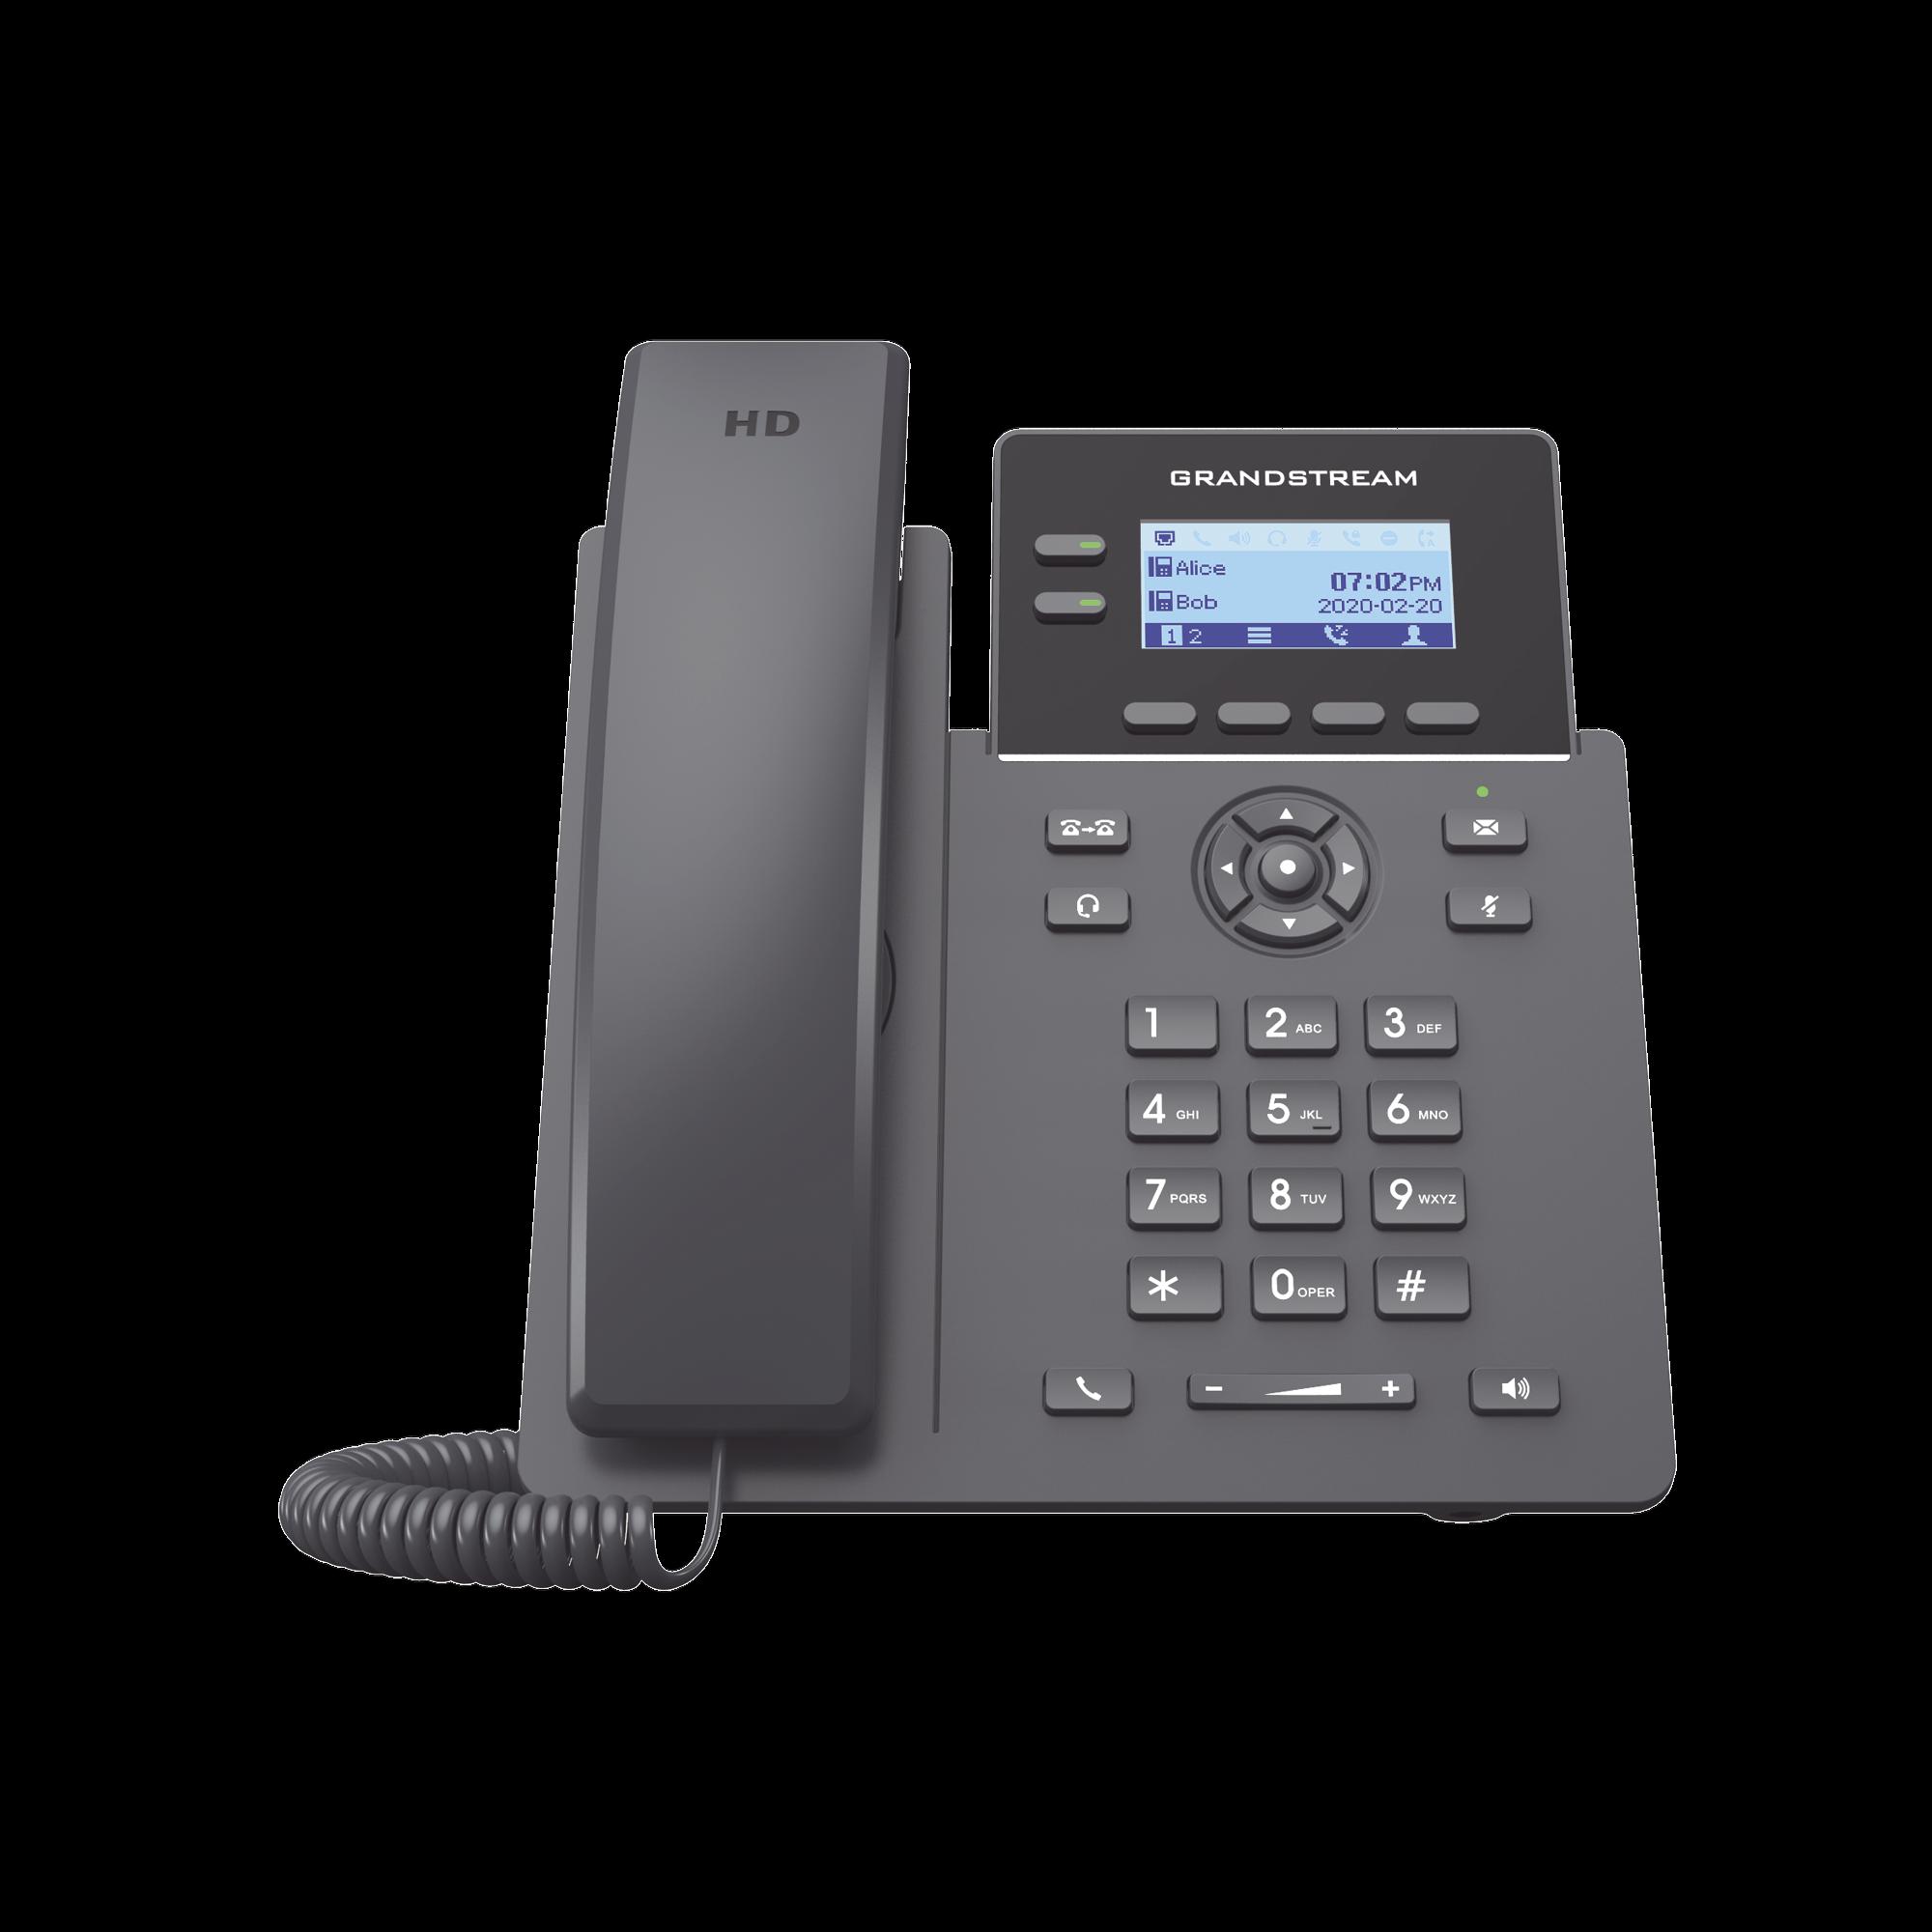 Teléfono IP Grado Operador, 2 lineas SIP con 4 cuentas, PoE, codec Opus, IPV4/IPV6 con gestion en la nube GDMS